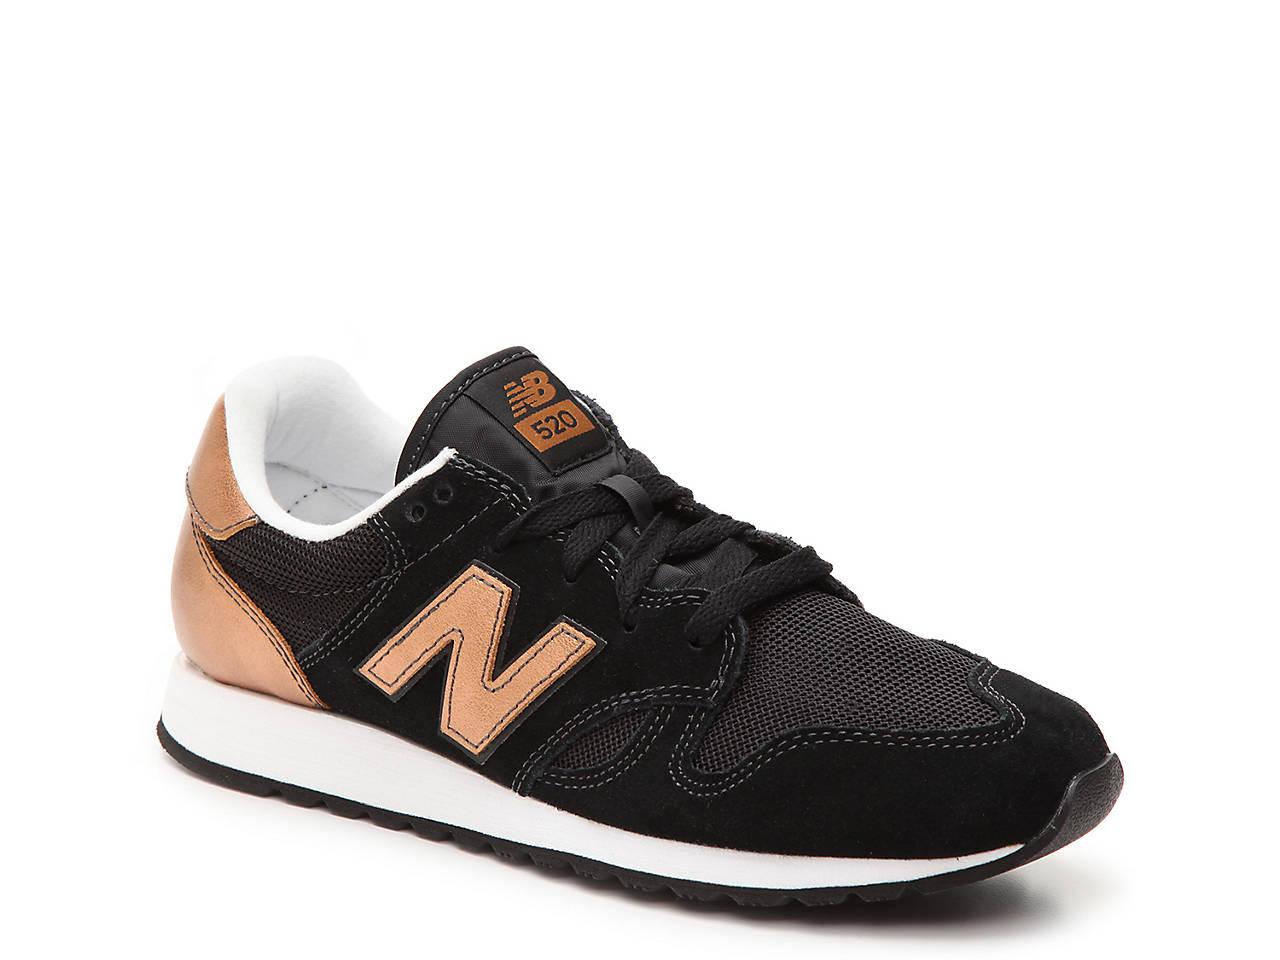 9abe4d416c827 New Balance 520 Sneaker - Women's Women's Shoes | DSW